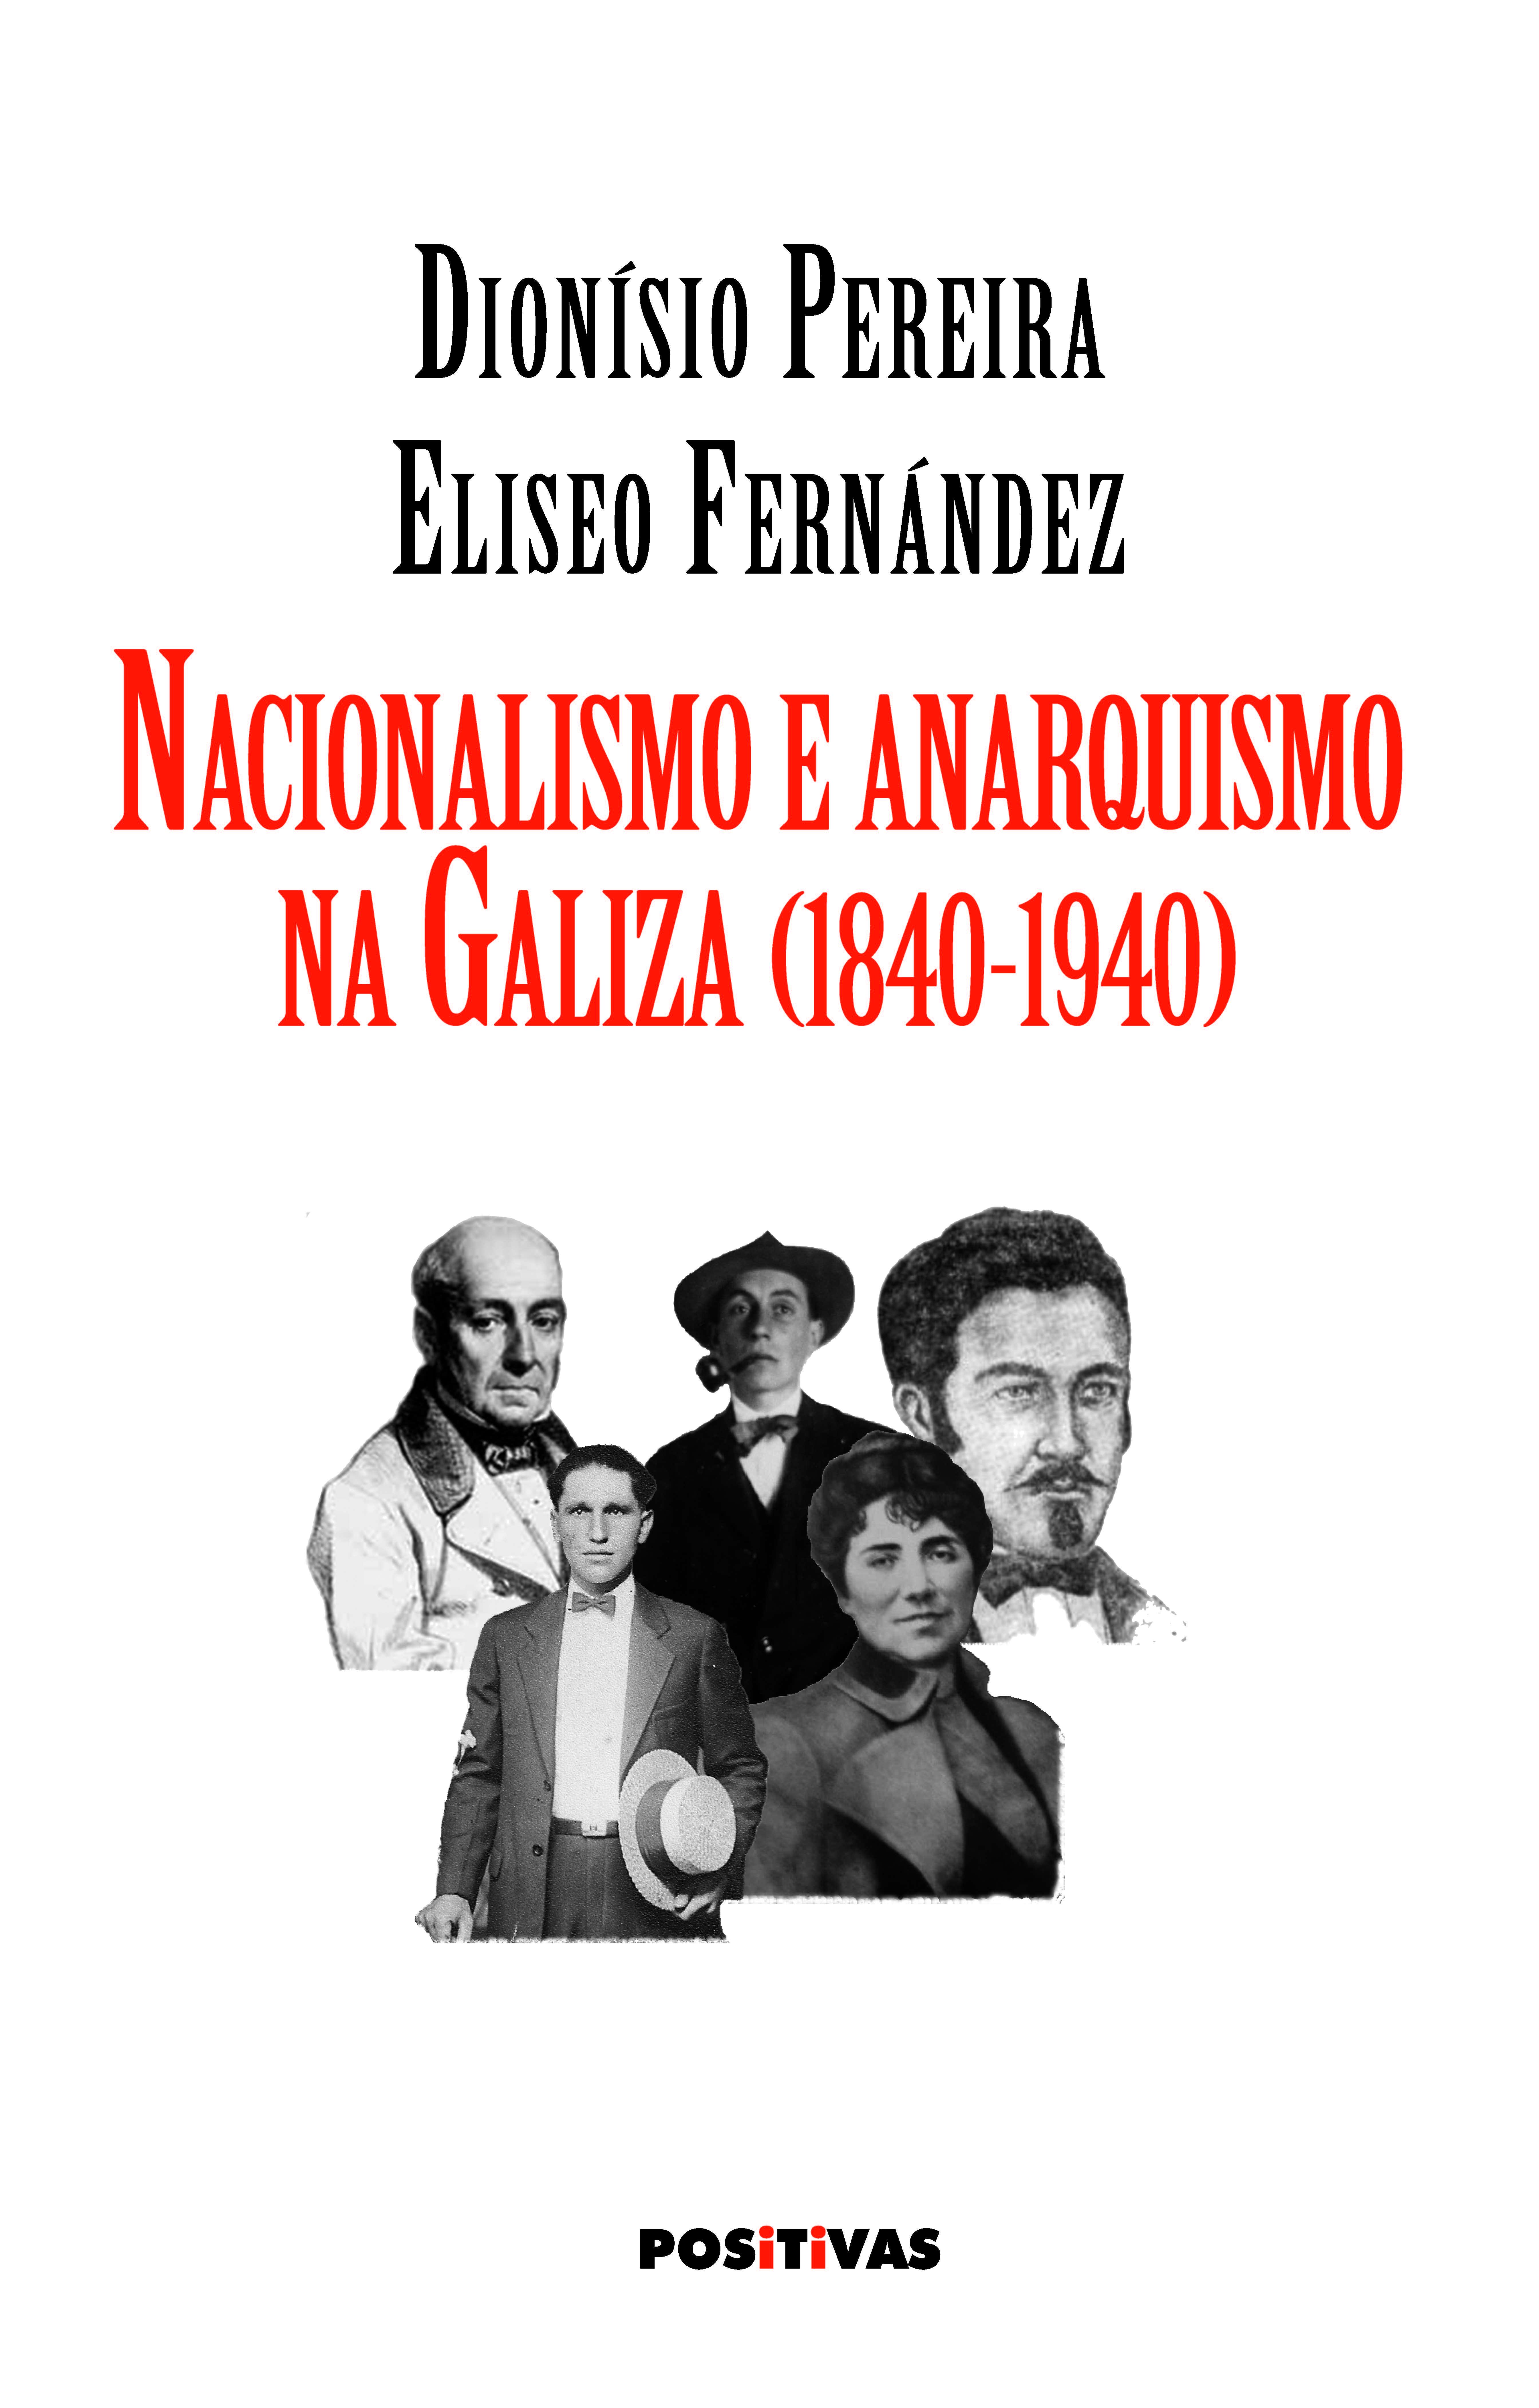 NACIONALISMO E ANARQUISMO NA GALIZA (1840-1940)